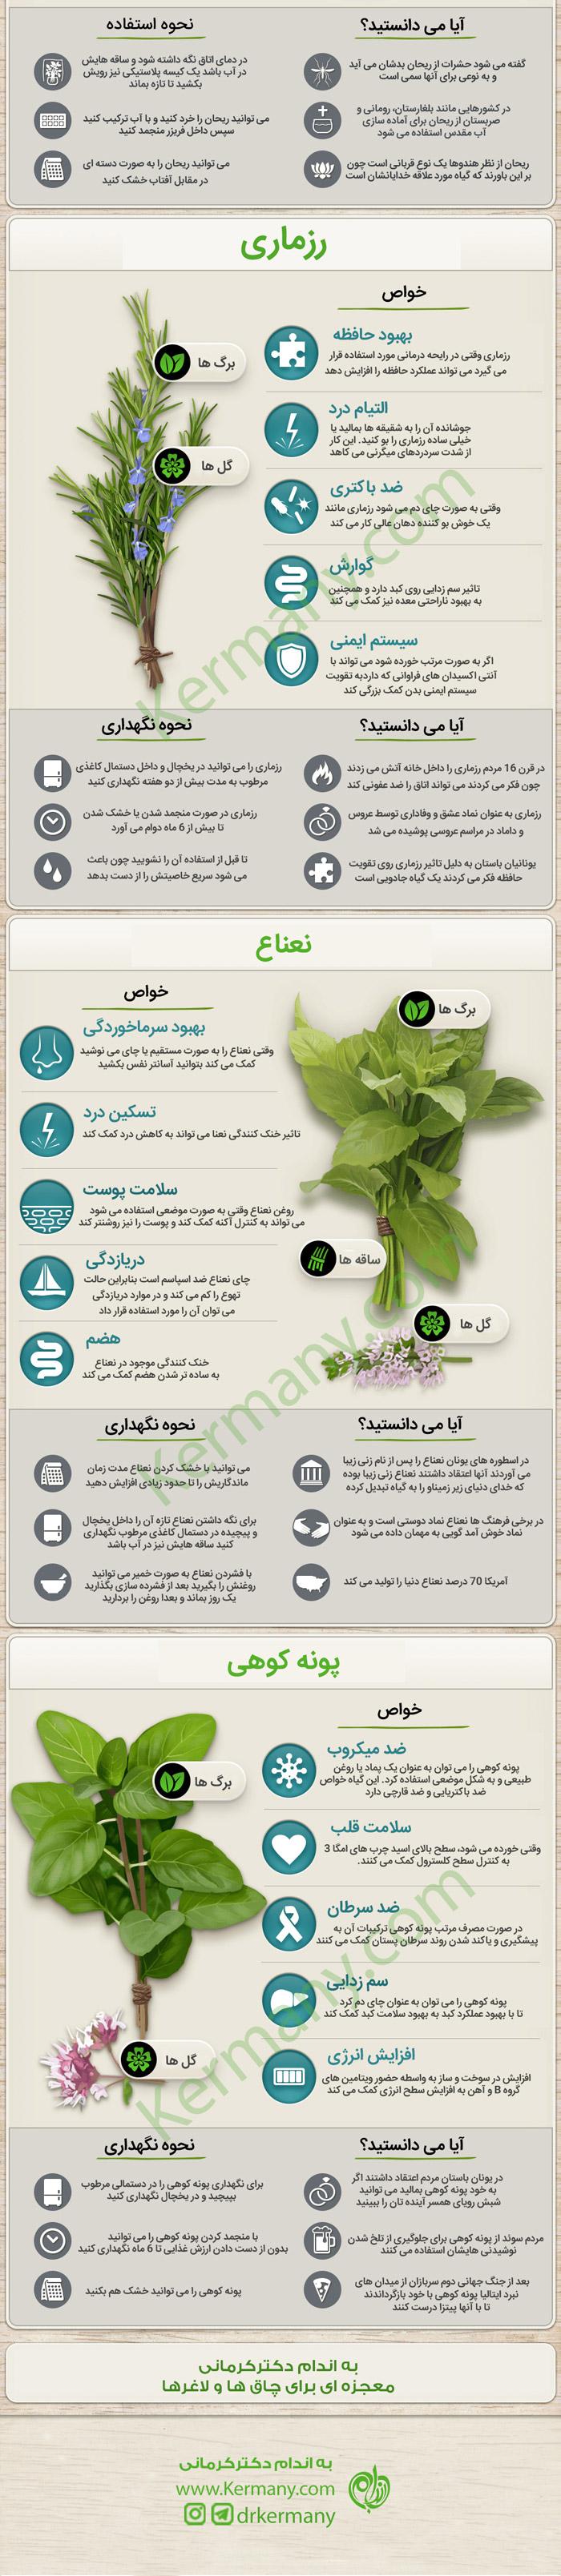 گیاهان چگونه به بهبود سلامتمان کمک می کنند خواص گیاهان دارویی رژیم لاغری